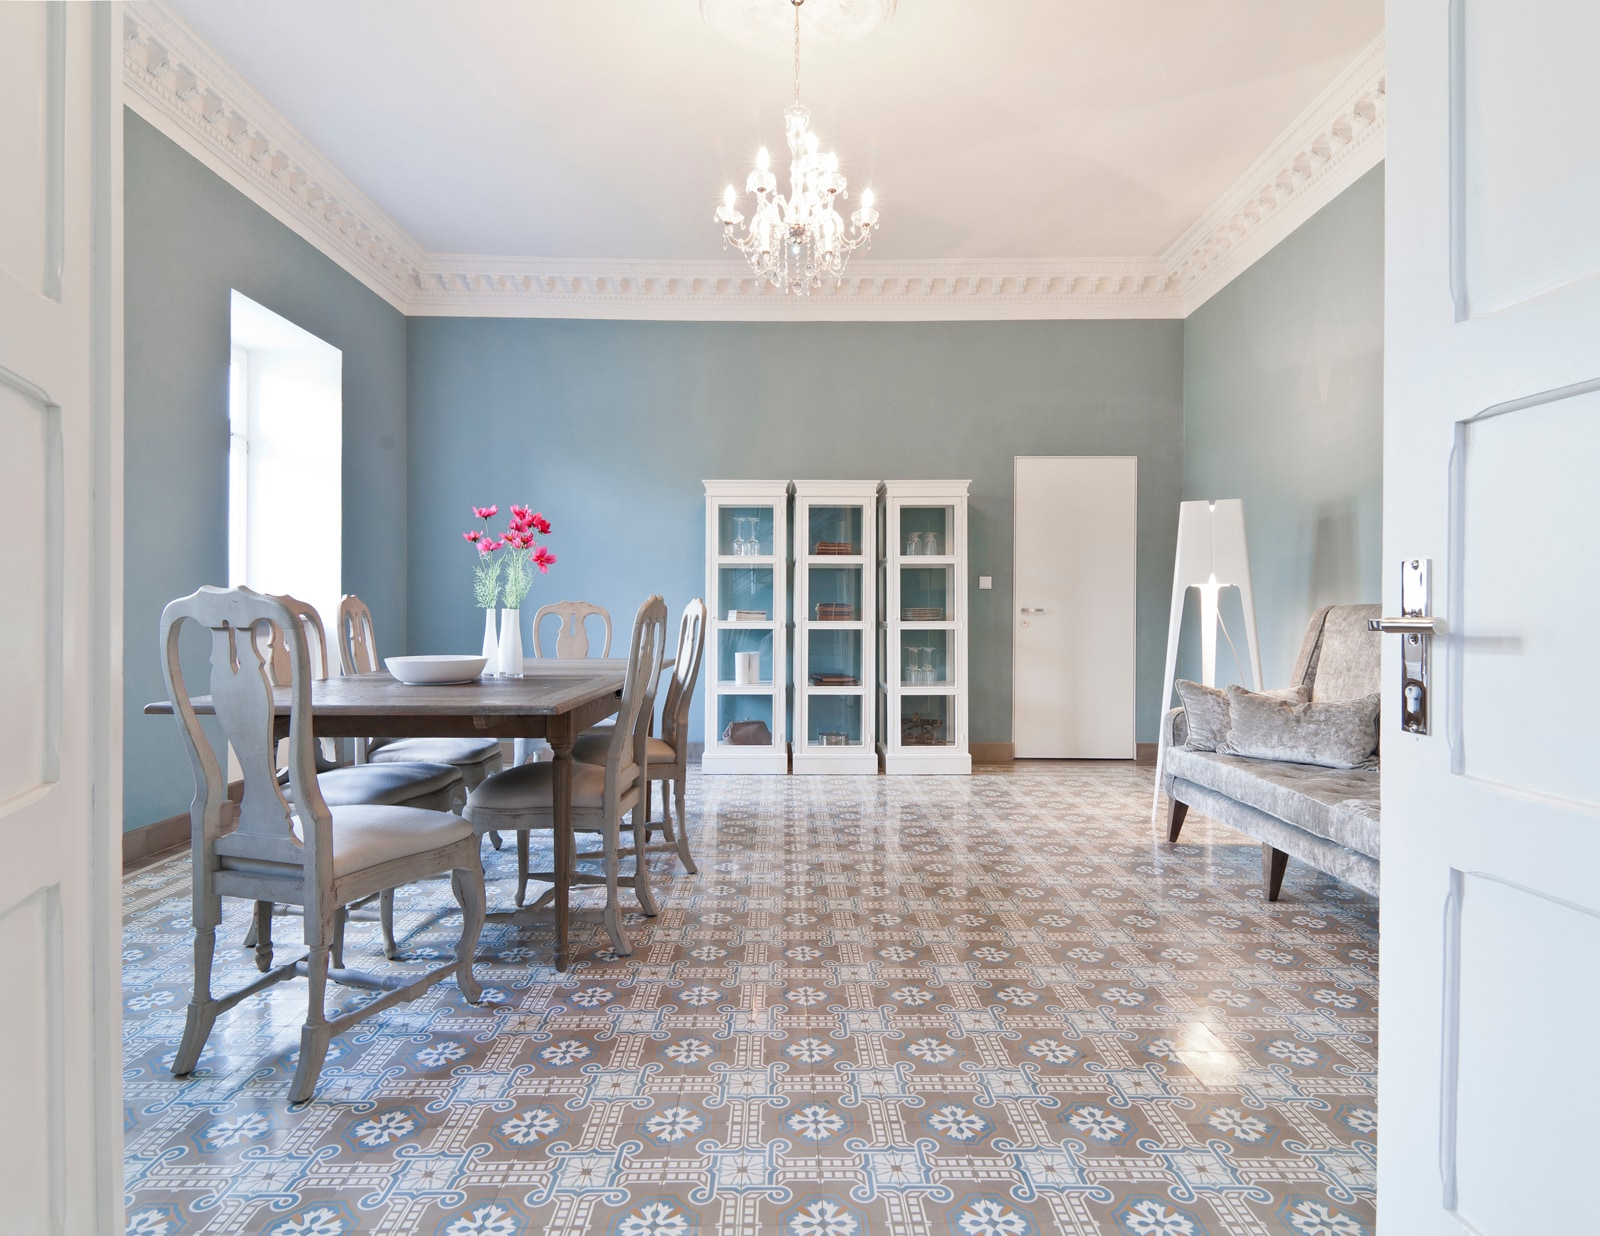 Zementmosaikplatten_nr.51051-blauer-salon-01-viaplatten | 51051/141